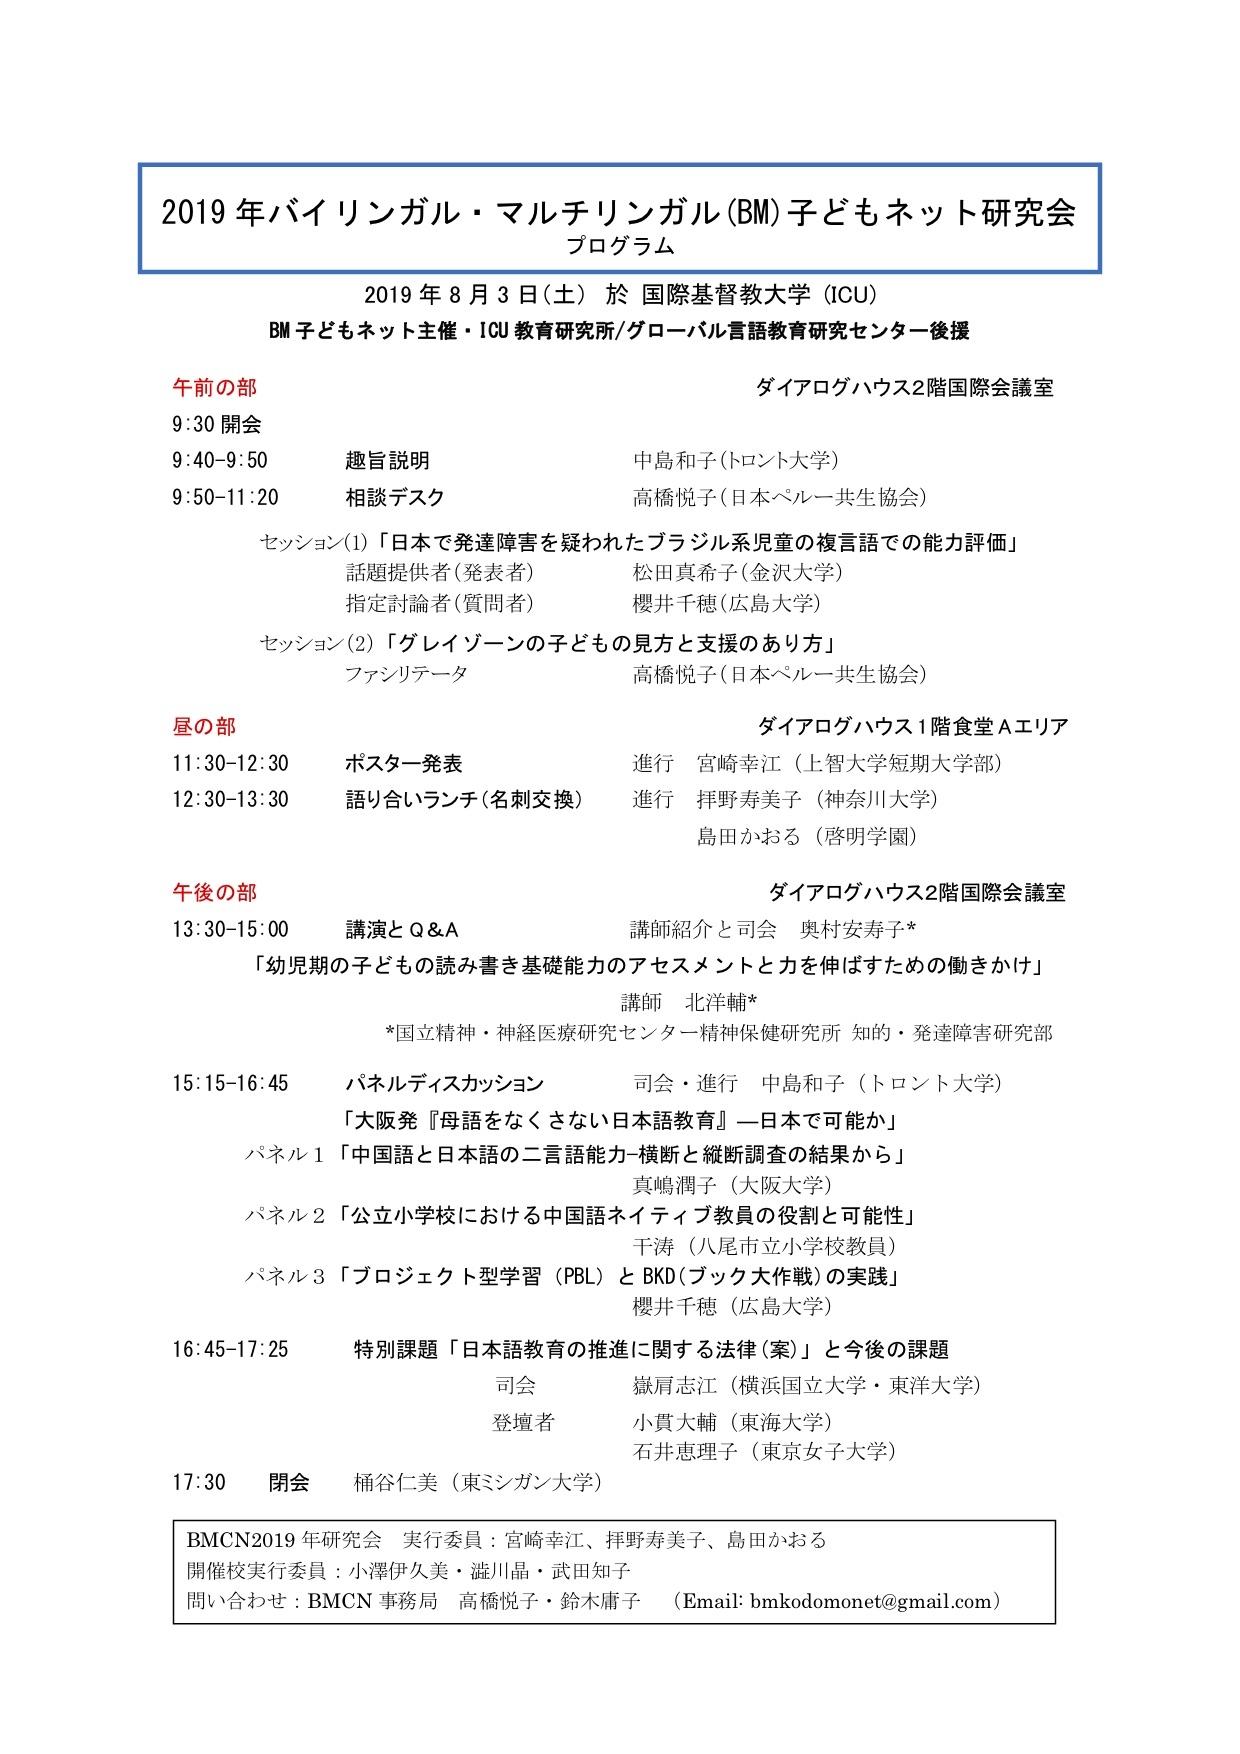 BMCN20190803_Program.jpg